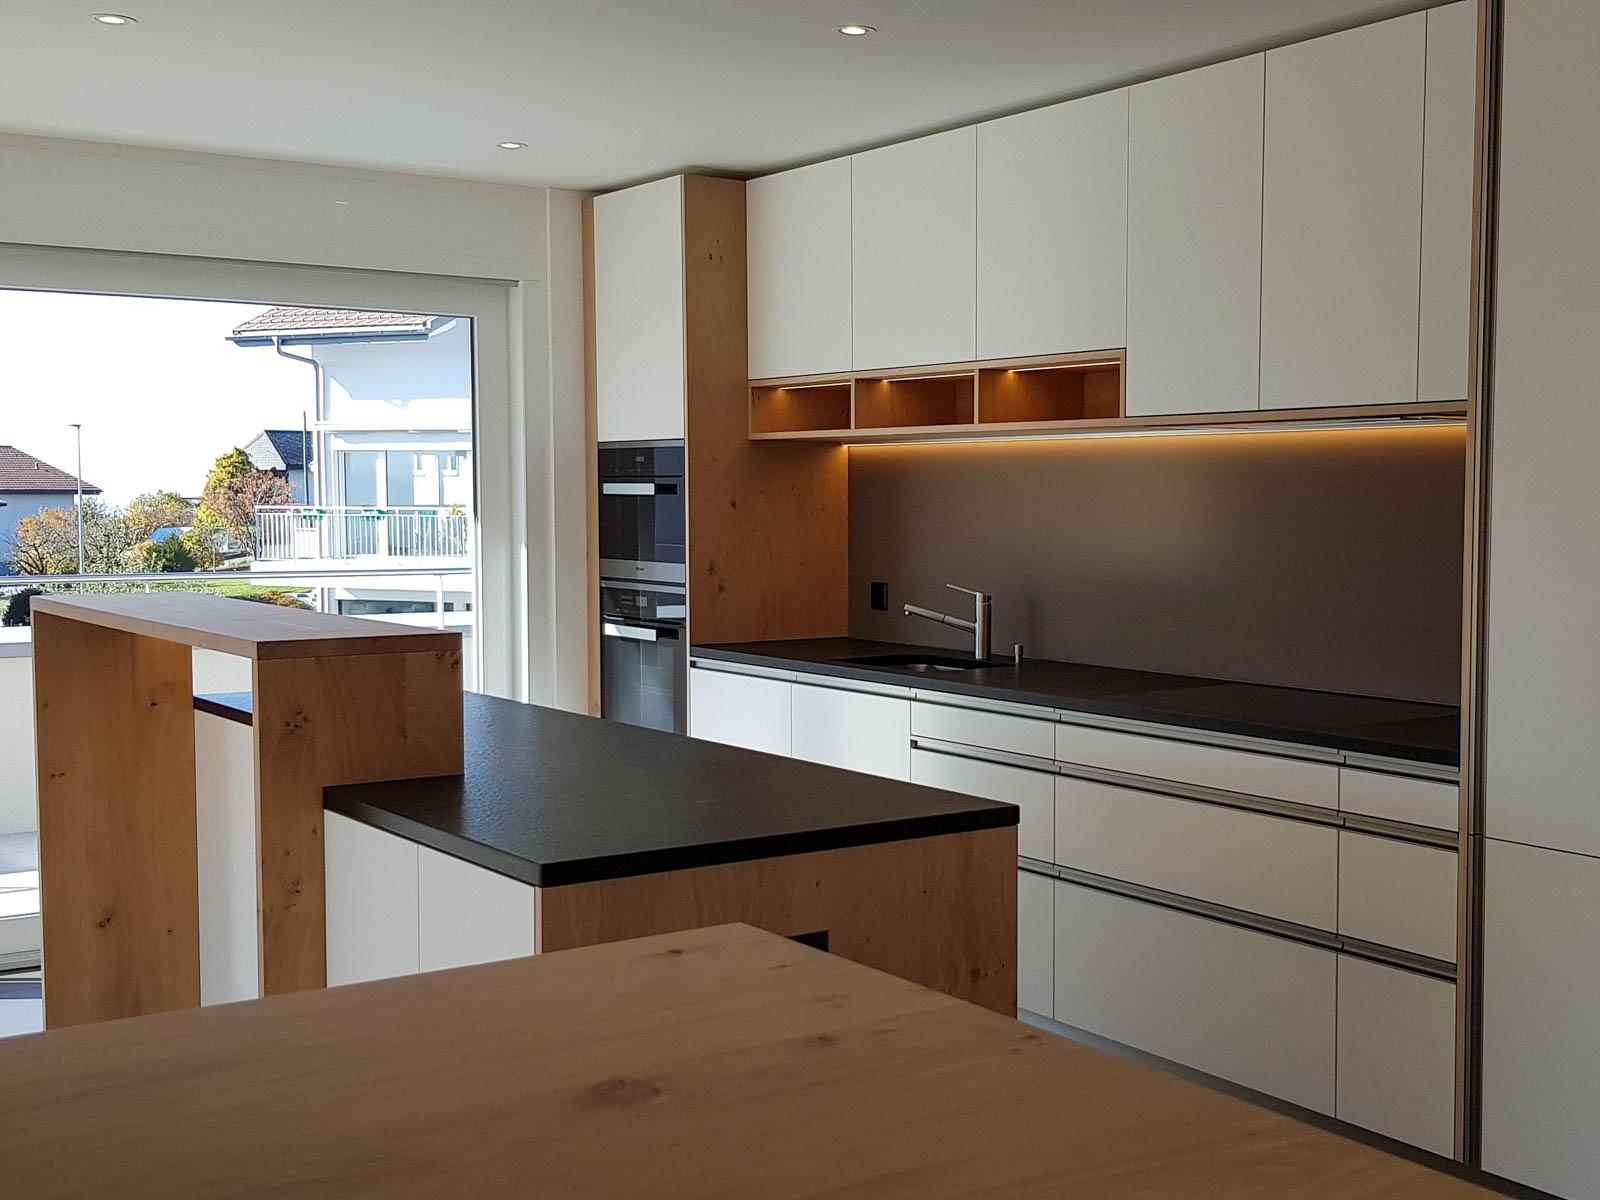 Wooddesign_Küchen_Umbau_Einbauküchen-modern_Altholz (5)